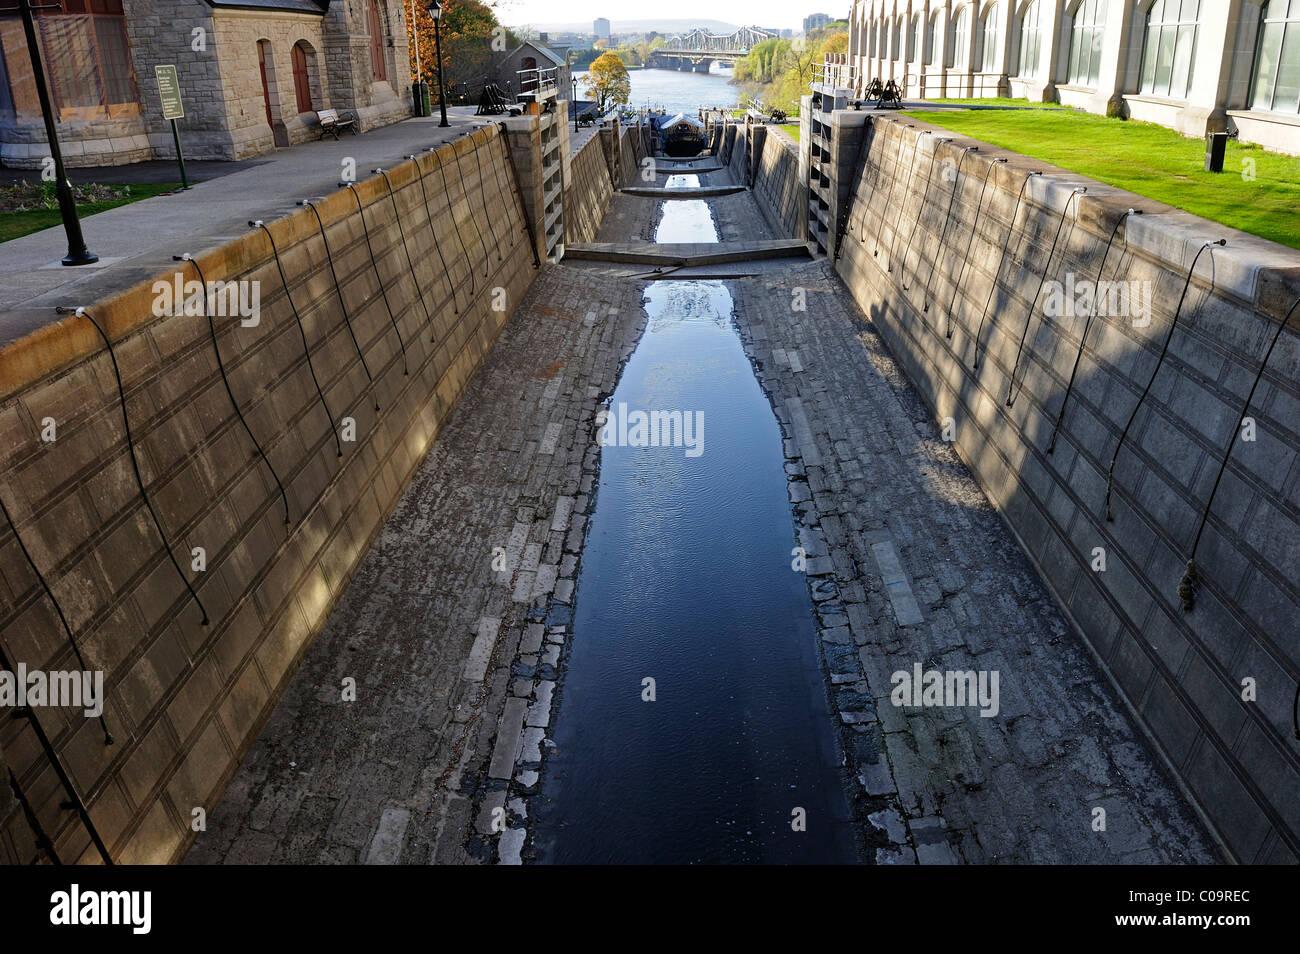 Le serrature della Rideau Canal superare un 25m dislivello, Ottawa, Ontario, Canada Immagini Stock